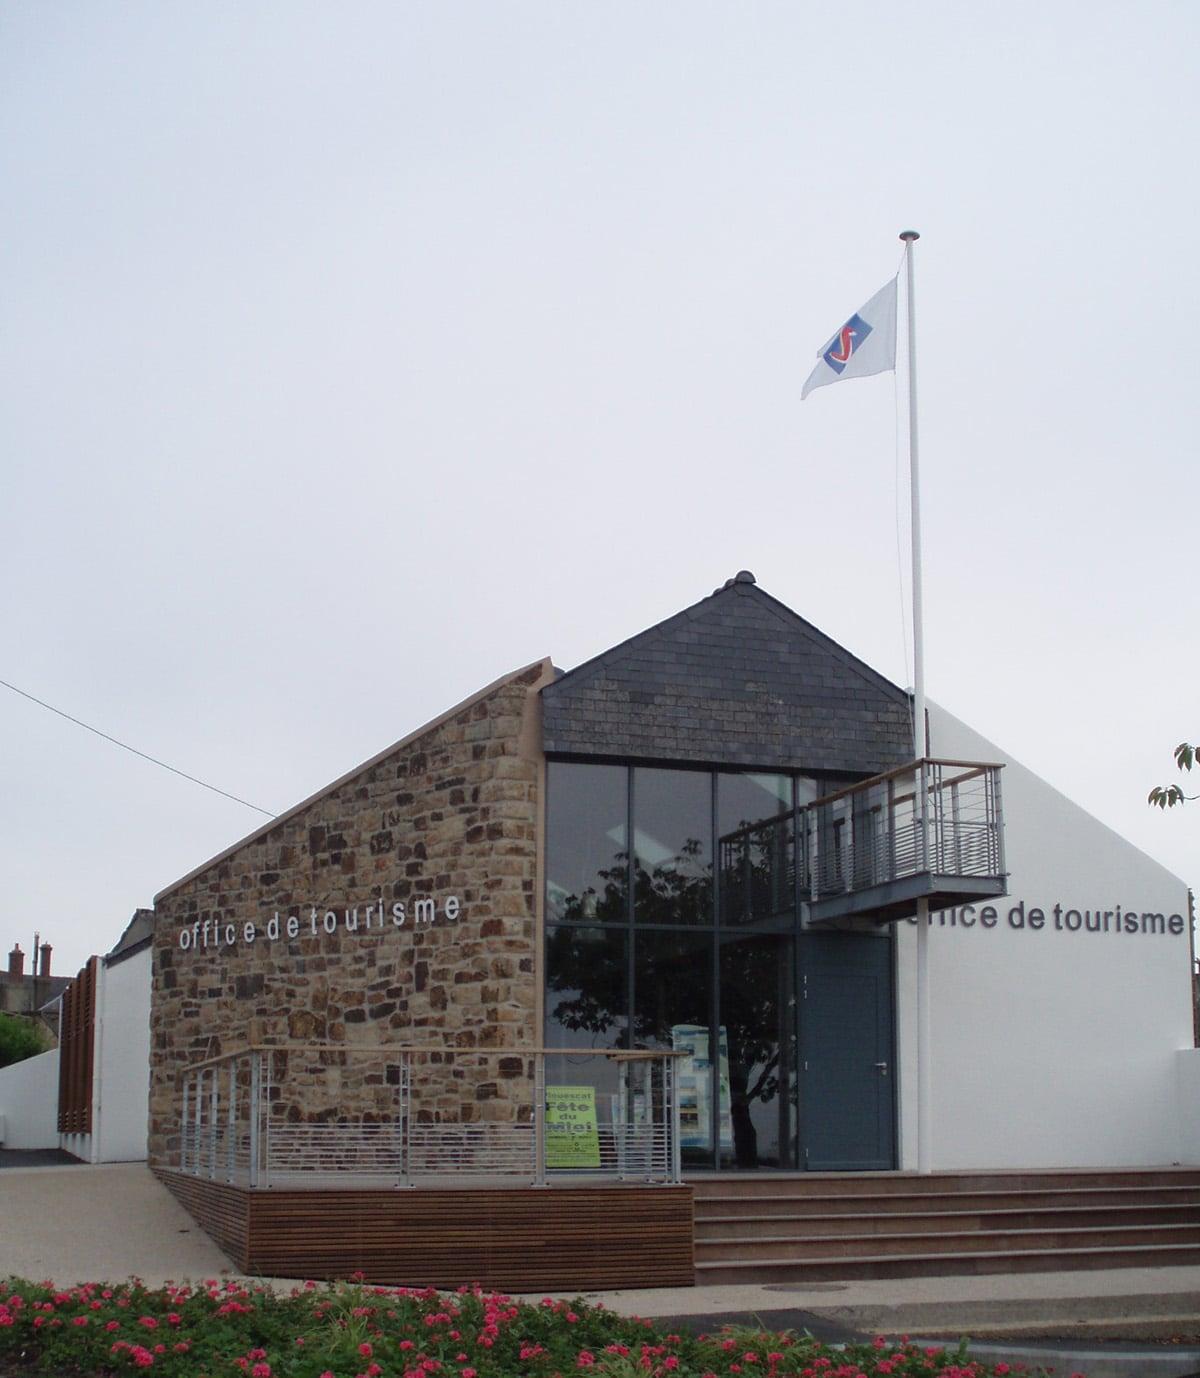 Maison du tourisme de plouescat martial architecte - Office tourisme plouescat ...